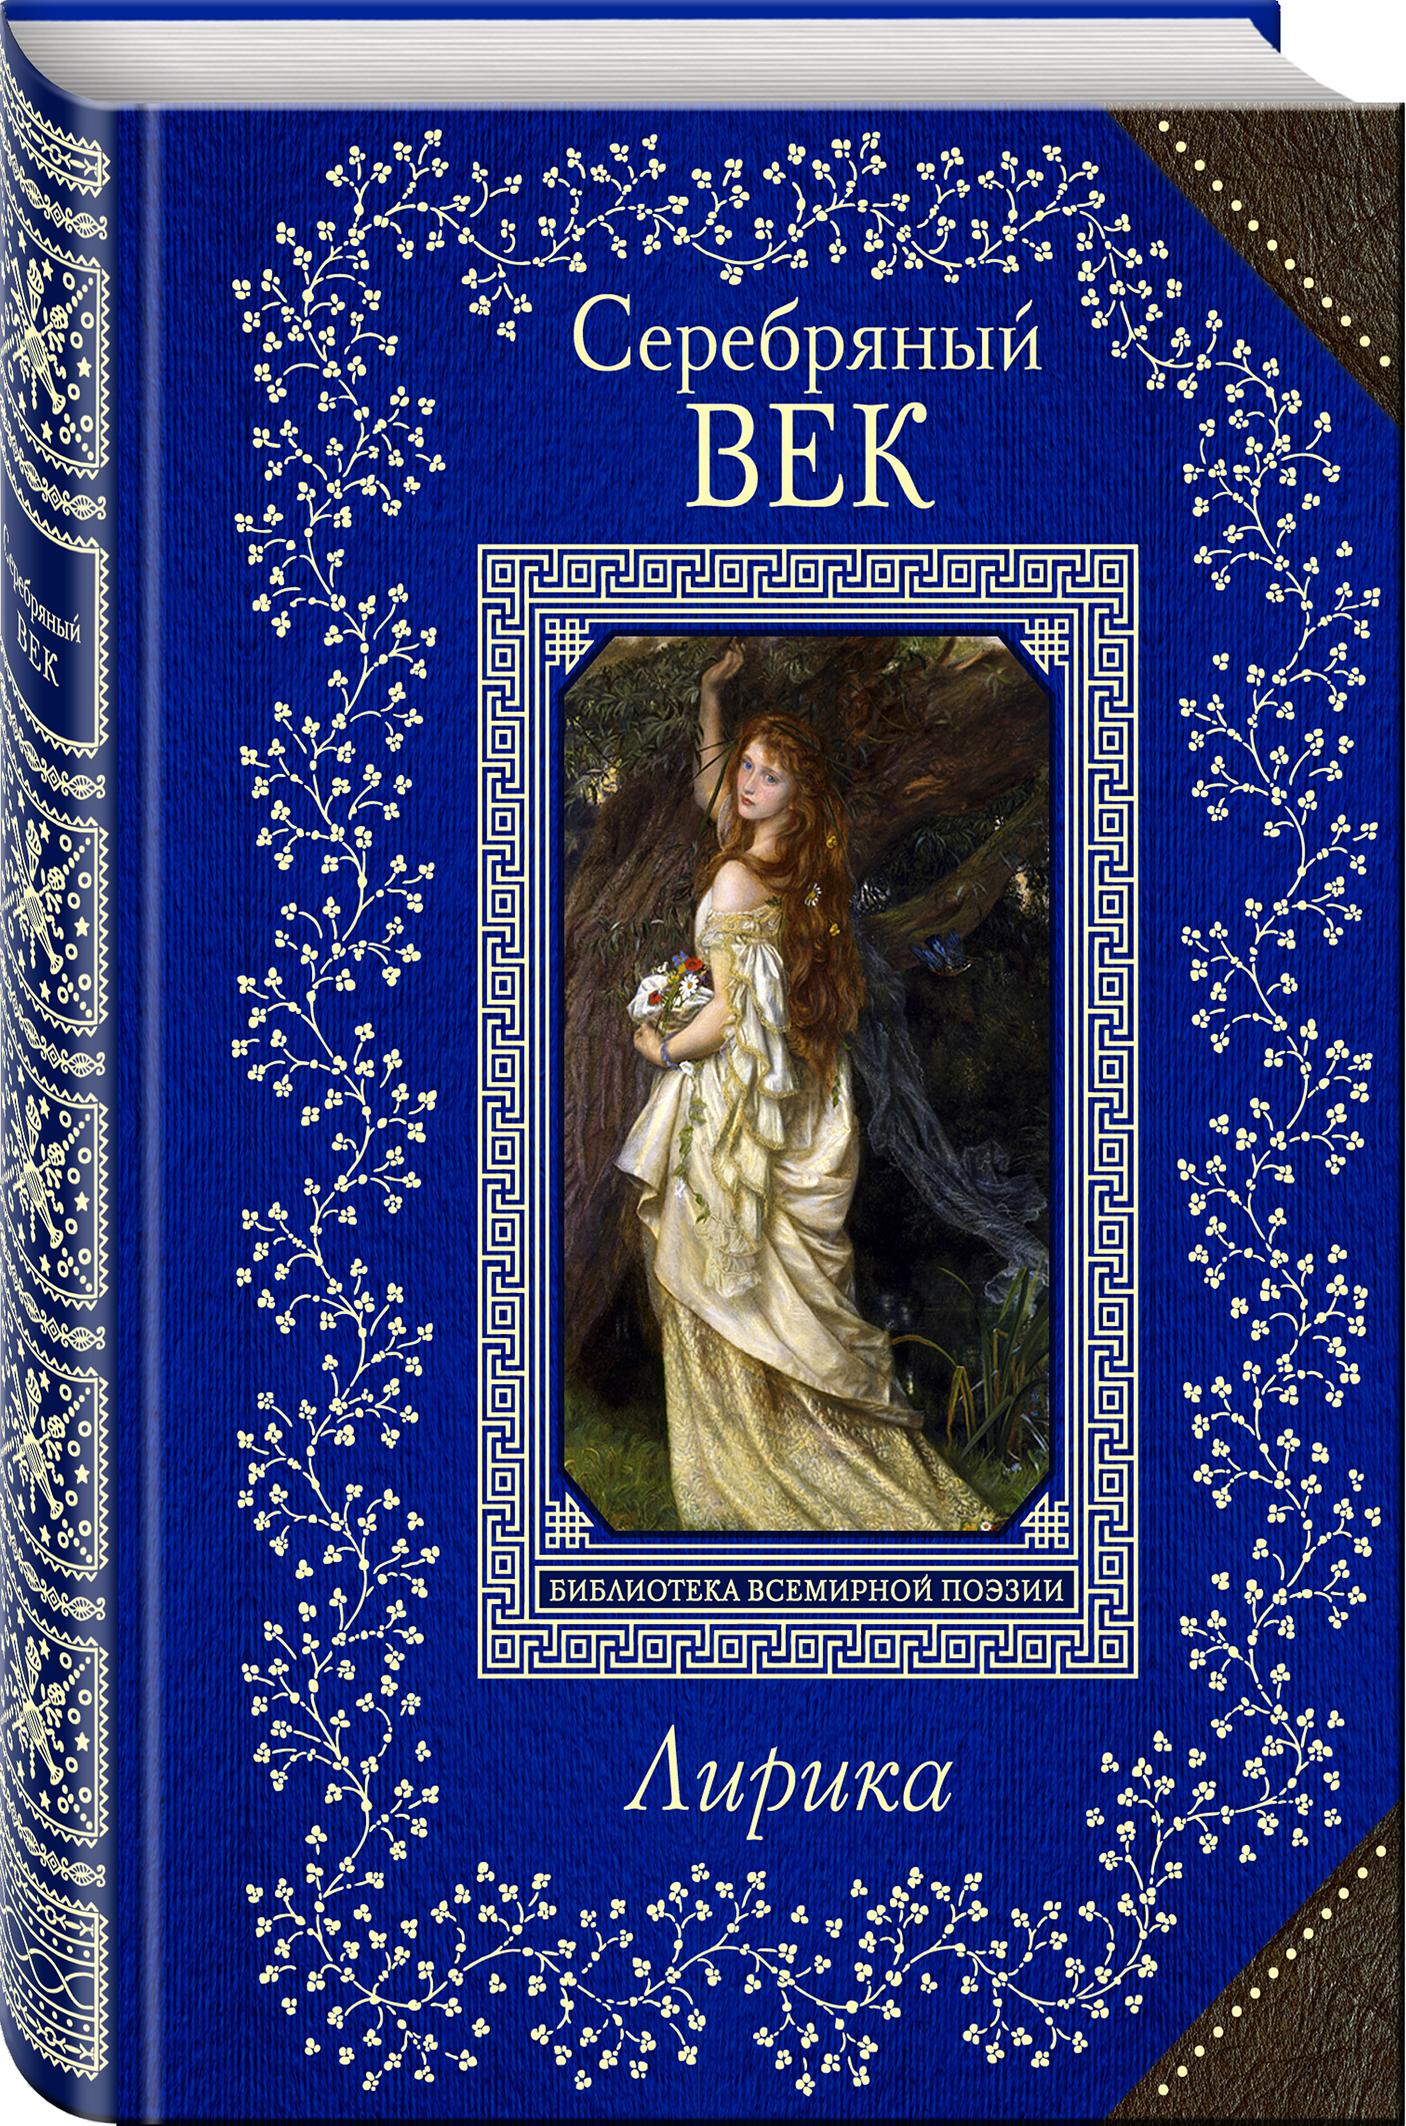 Серебряный век. Лирика доценко е серебряный век русская поэзия сборник